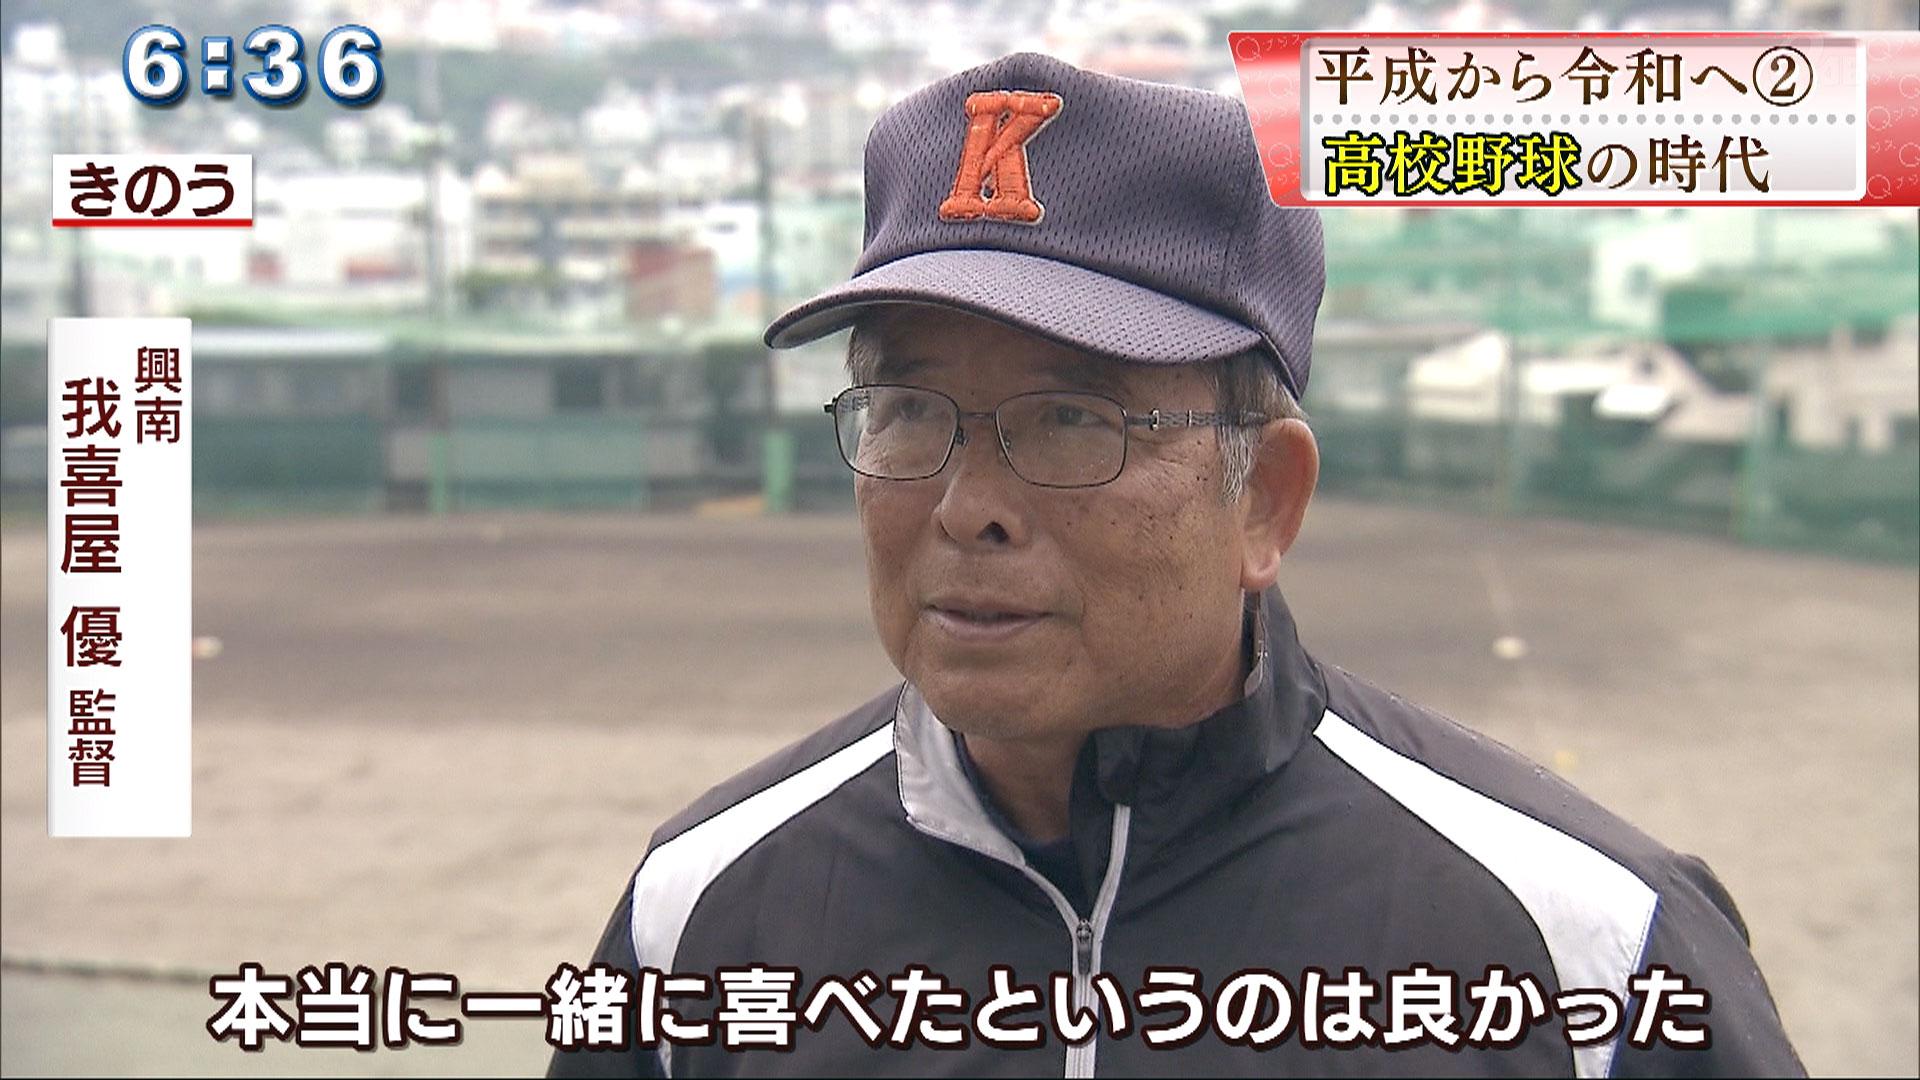 平成から令和へ(2) 高校野球の時代